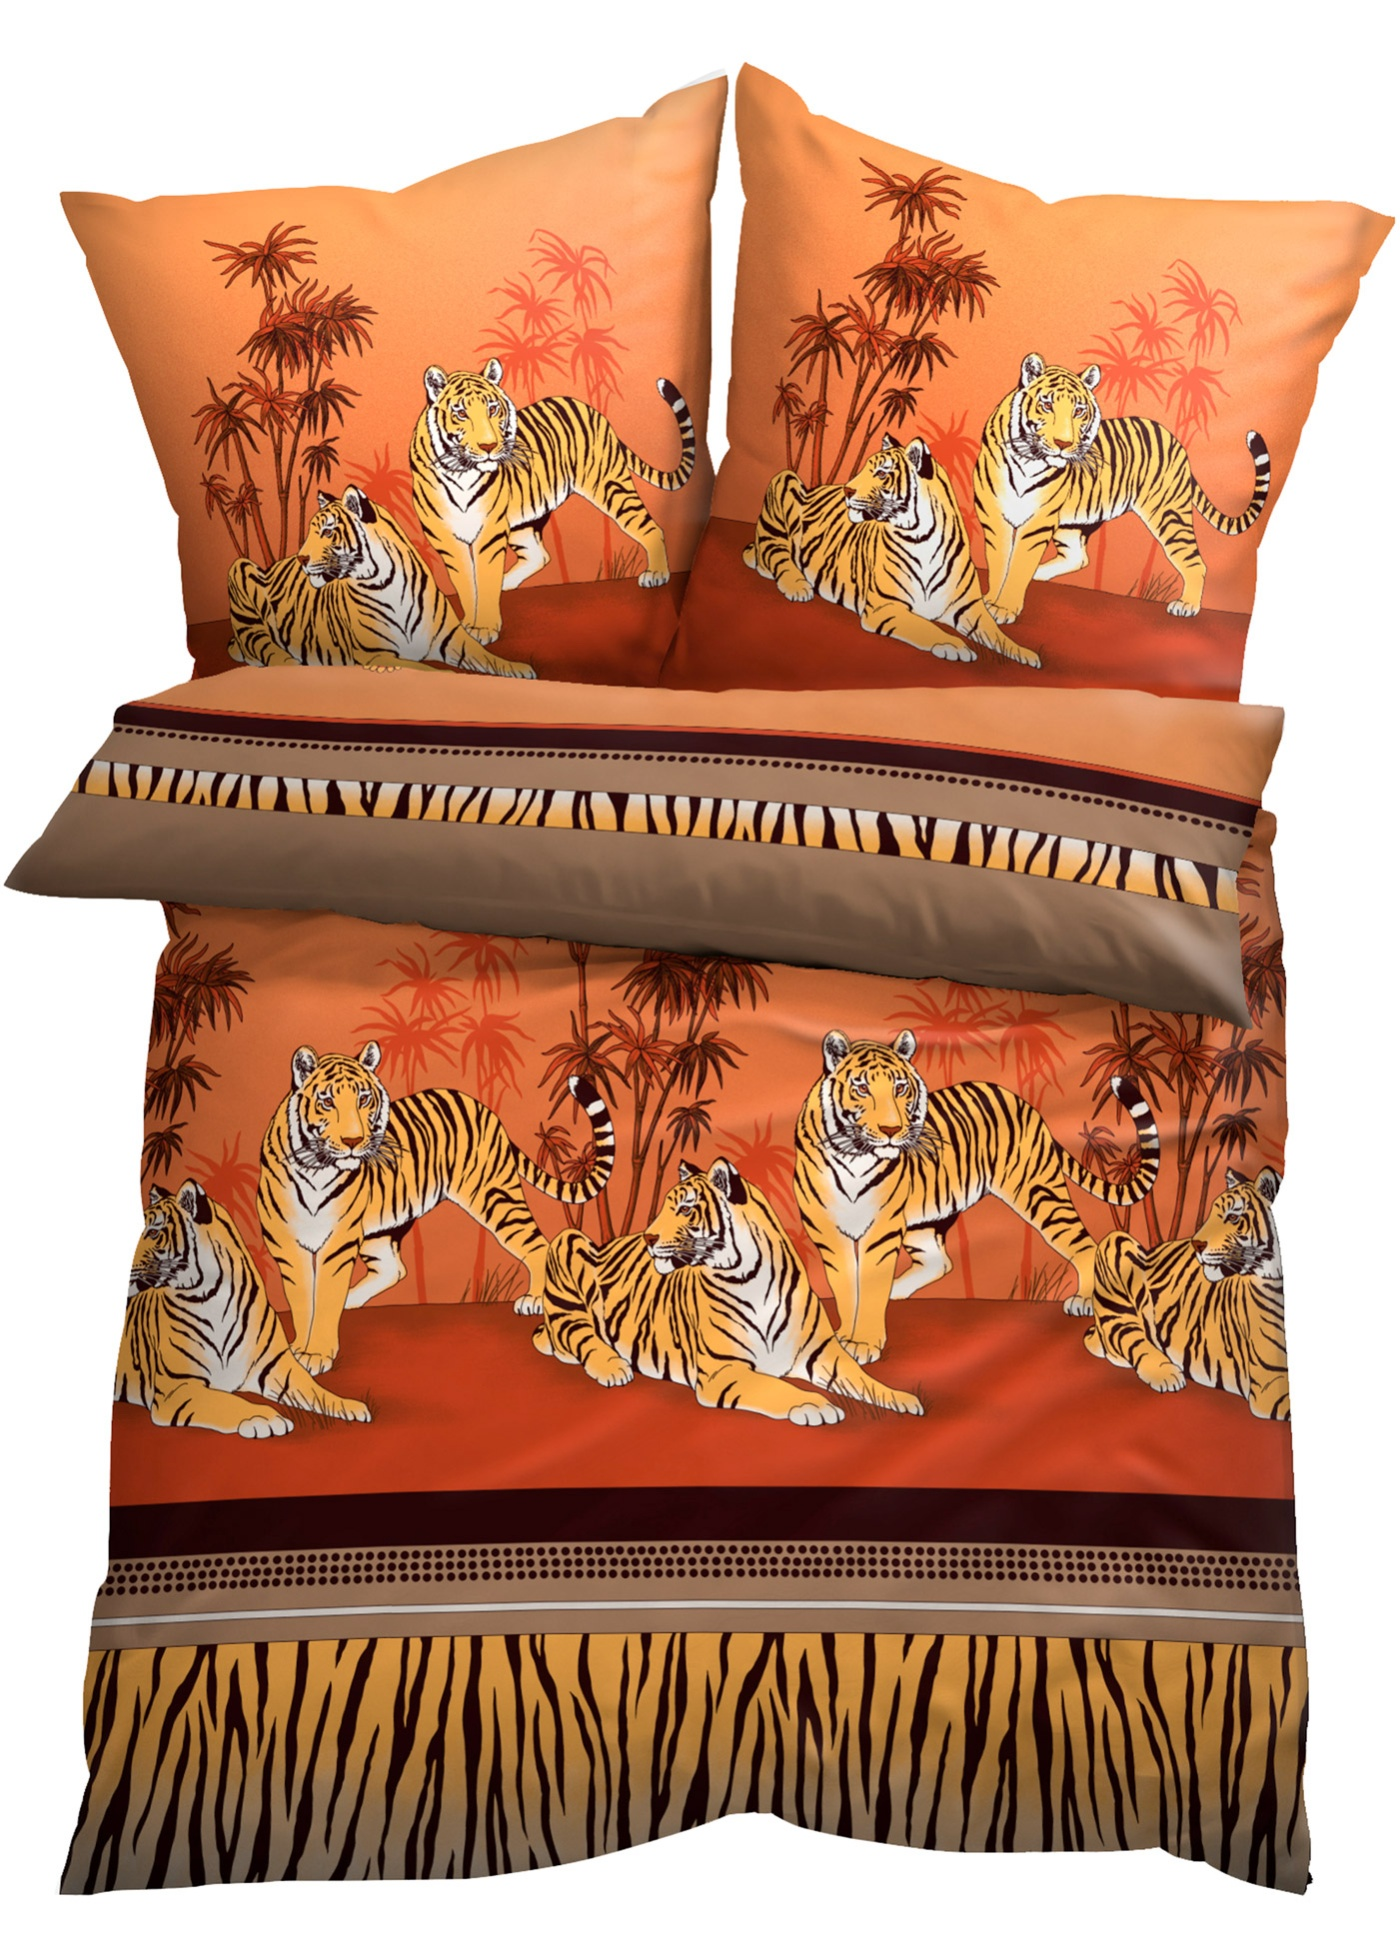 Parure de lit motif tigre